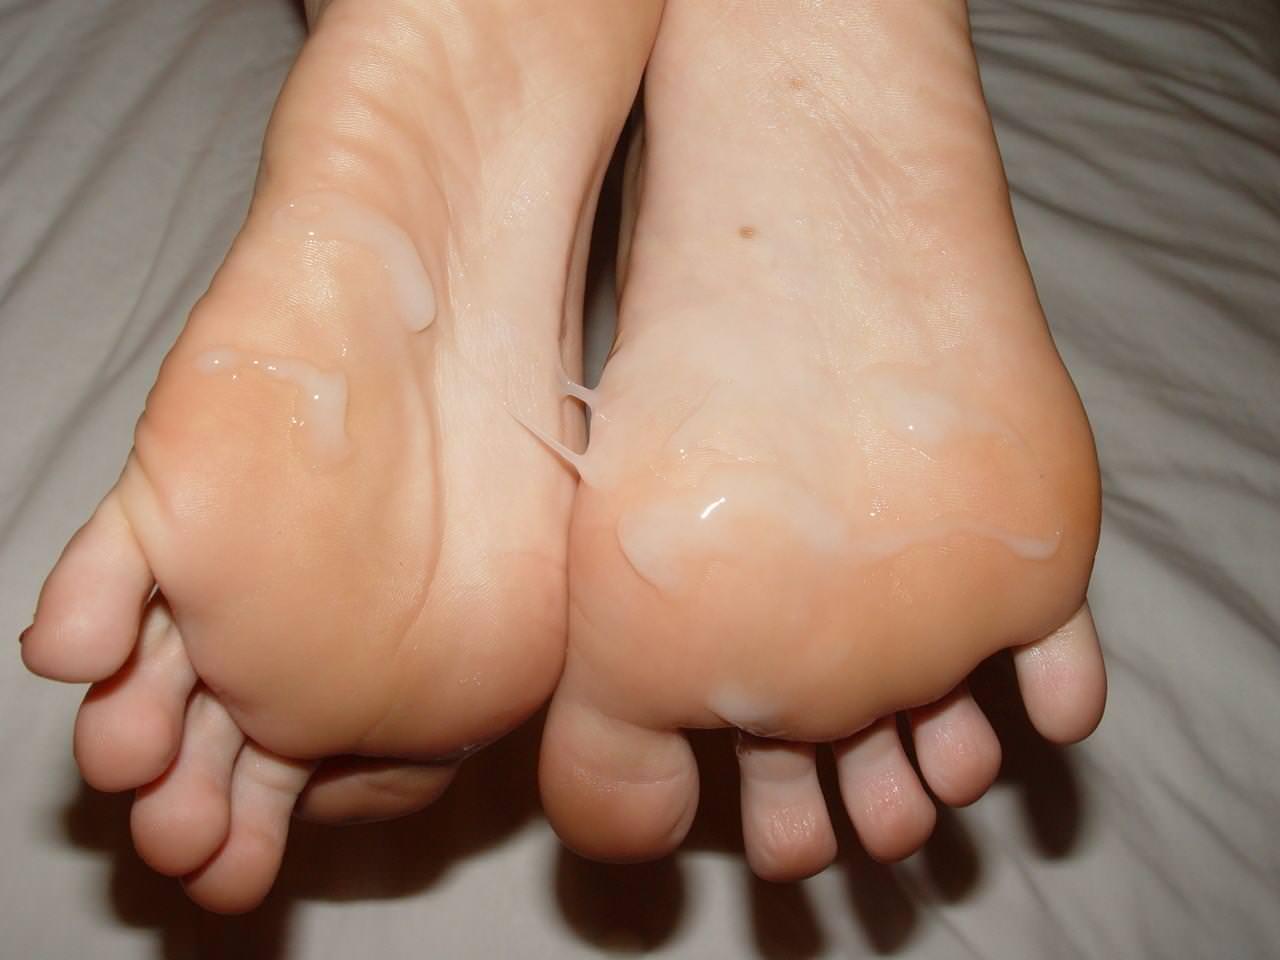 女の臭い足裏にザーメンぶっかけwww足フェチ素人エロ画像どんだけ~www 188